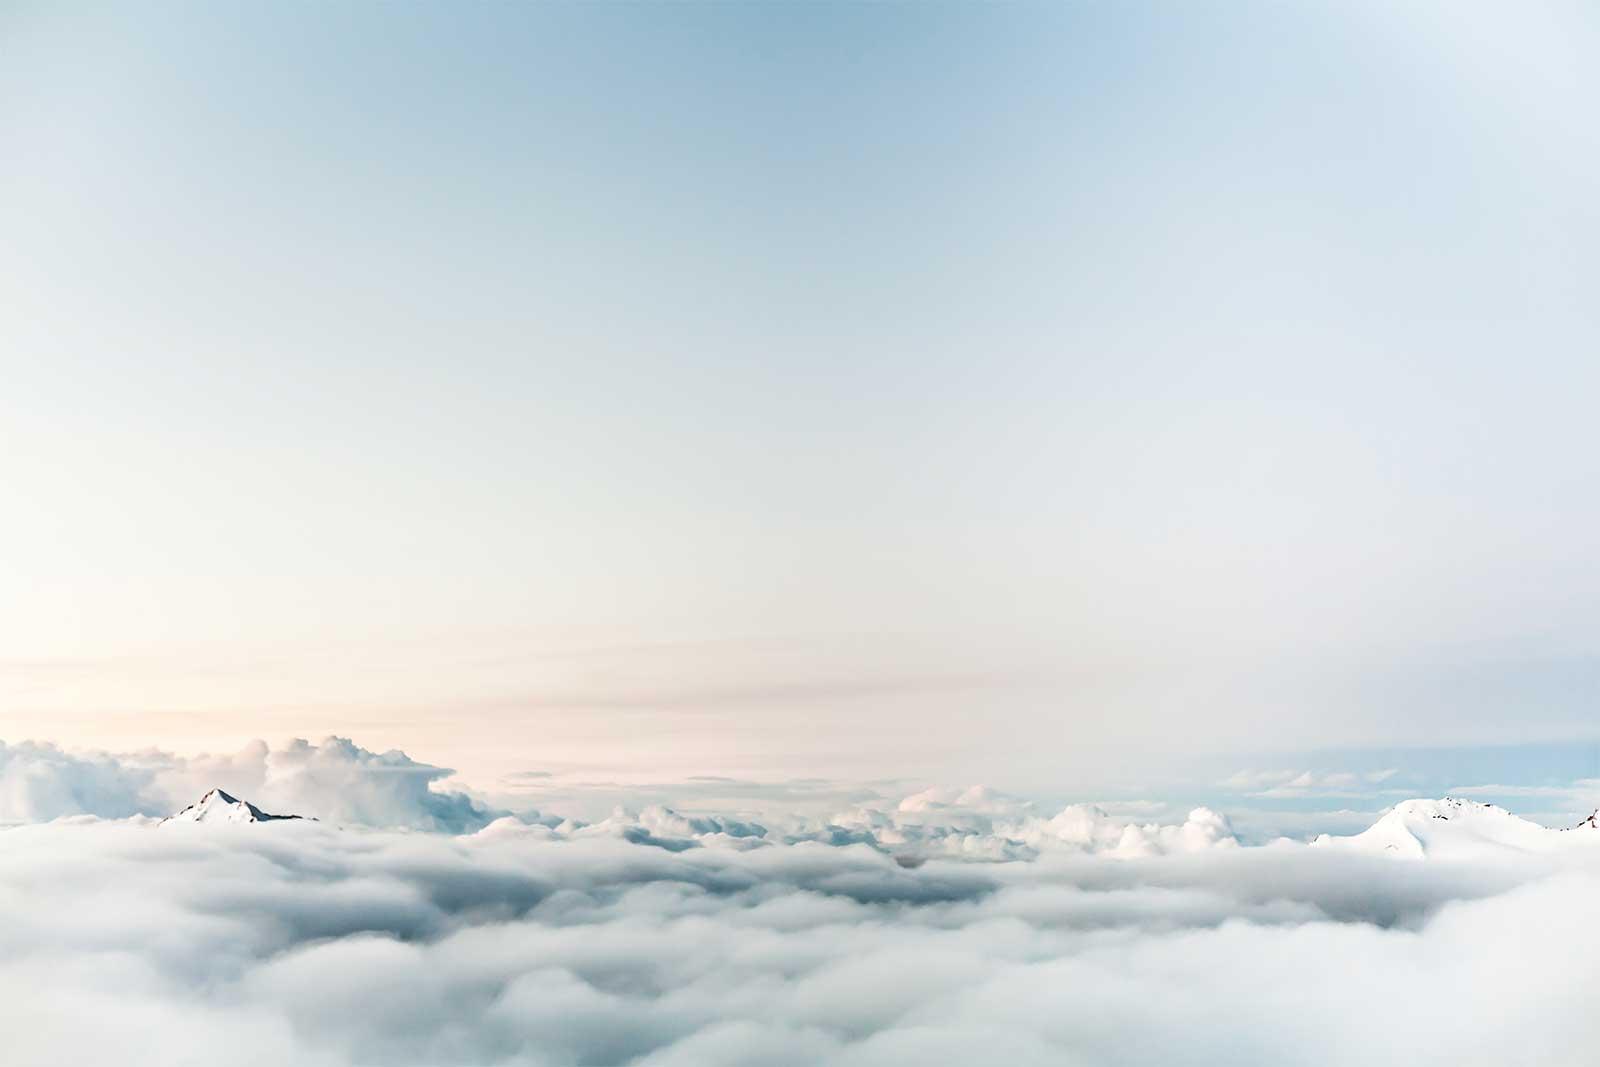 Готовий прийняти свій бізнес на нову висоту?